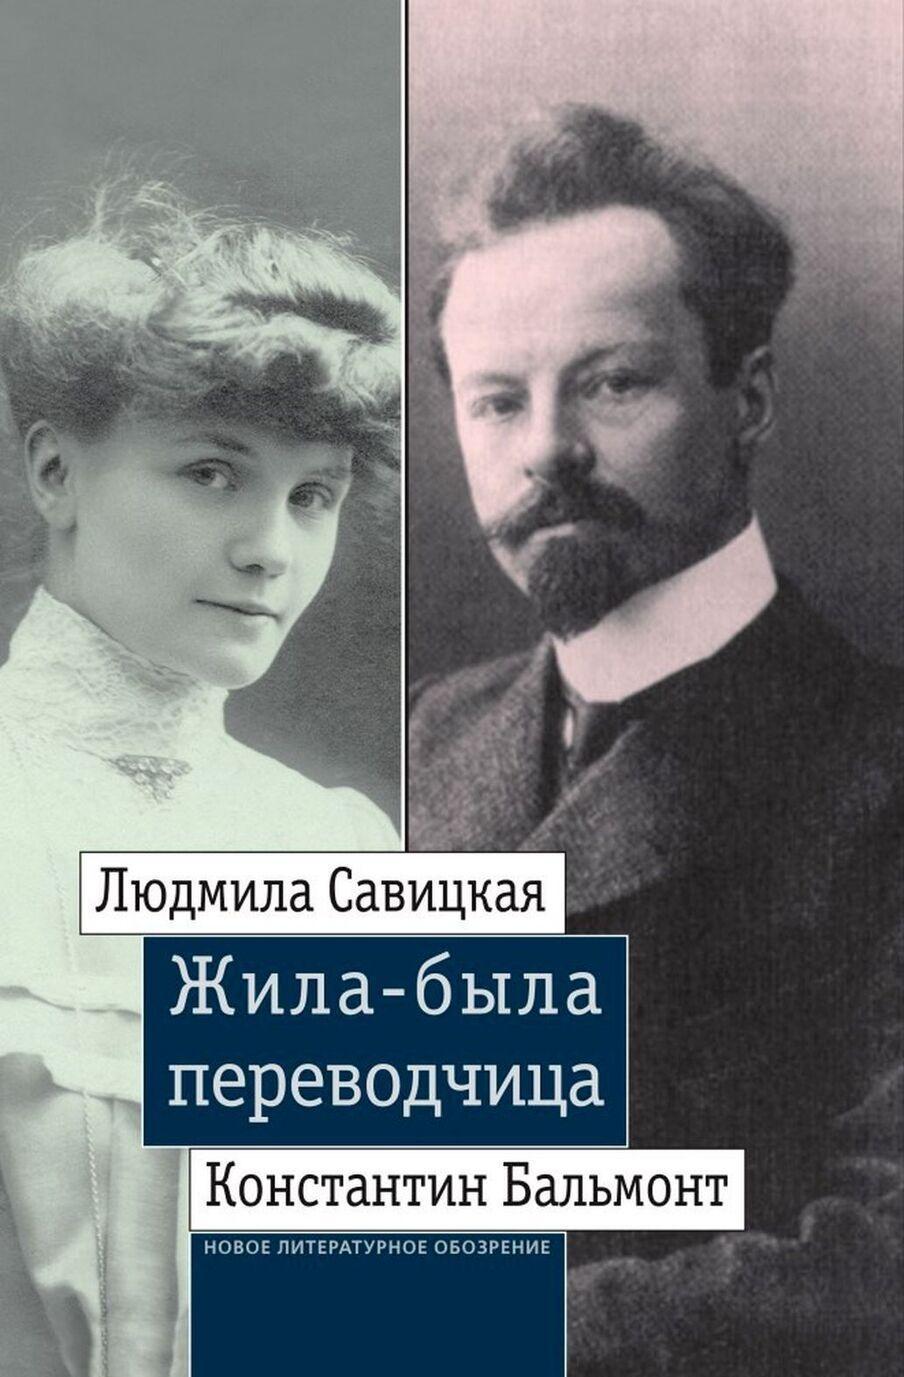 Zhila-byla perevodchitsa. Ljudmila Savitskaja i Konstantin Balmont